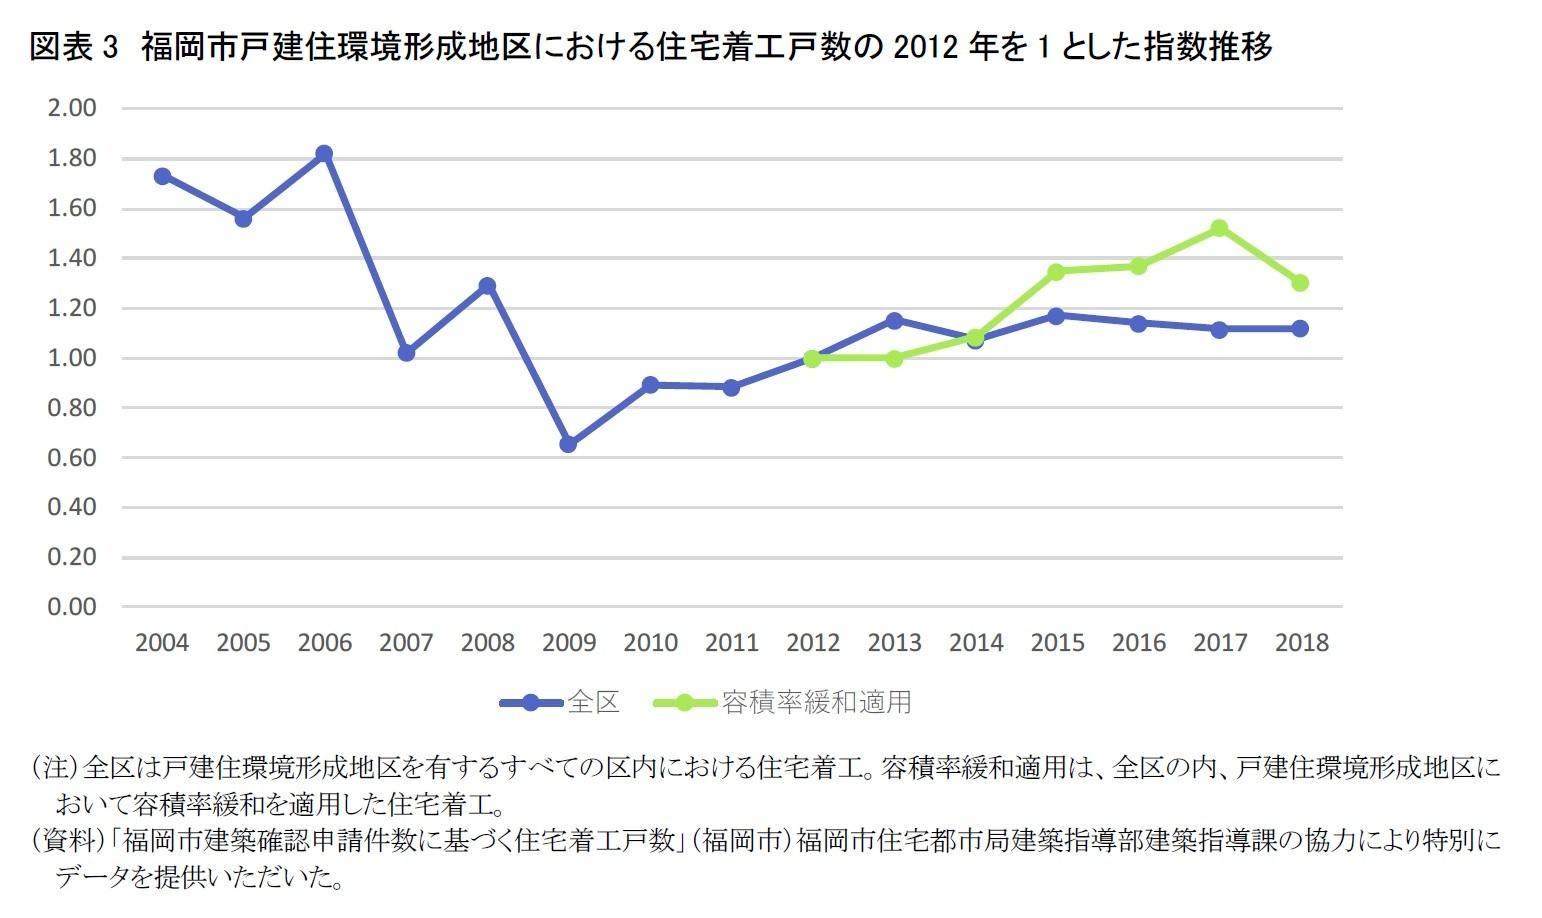 図表3 福岡市戸建住環境形成地区における住宅着工戸数の2012年を1とした指数推移